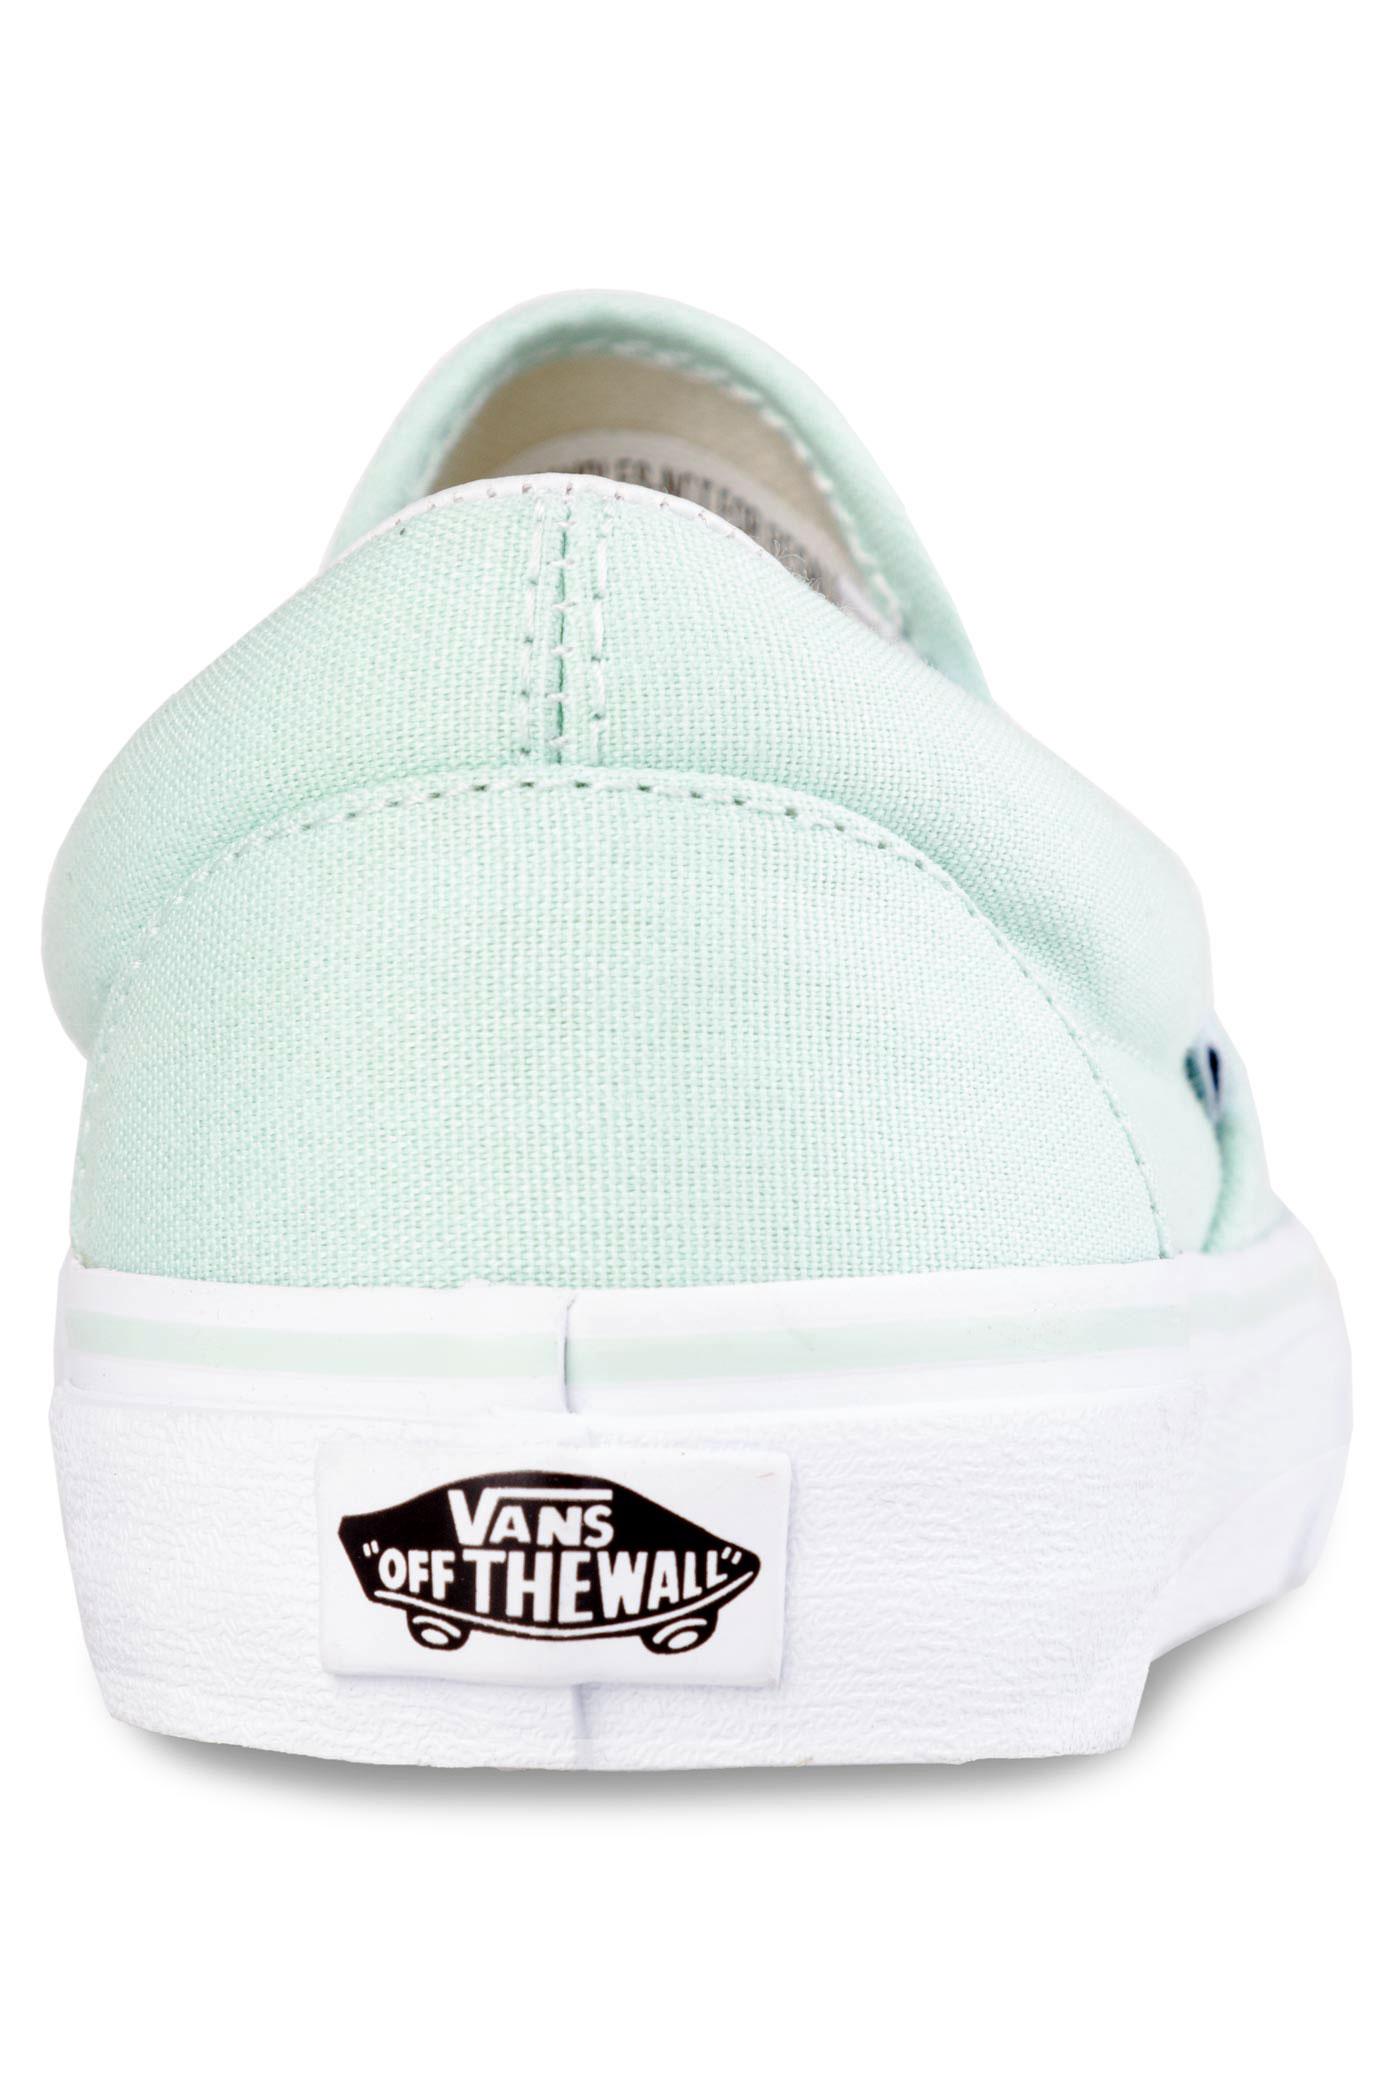 6f4bd8e65c35f0 Vans Classic Slip-On Shoes women (bay true white) buy at skatedeluxe